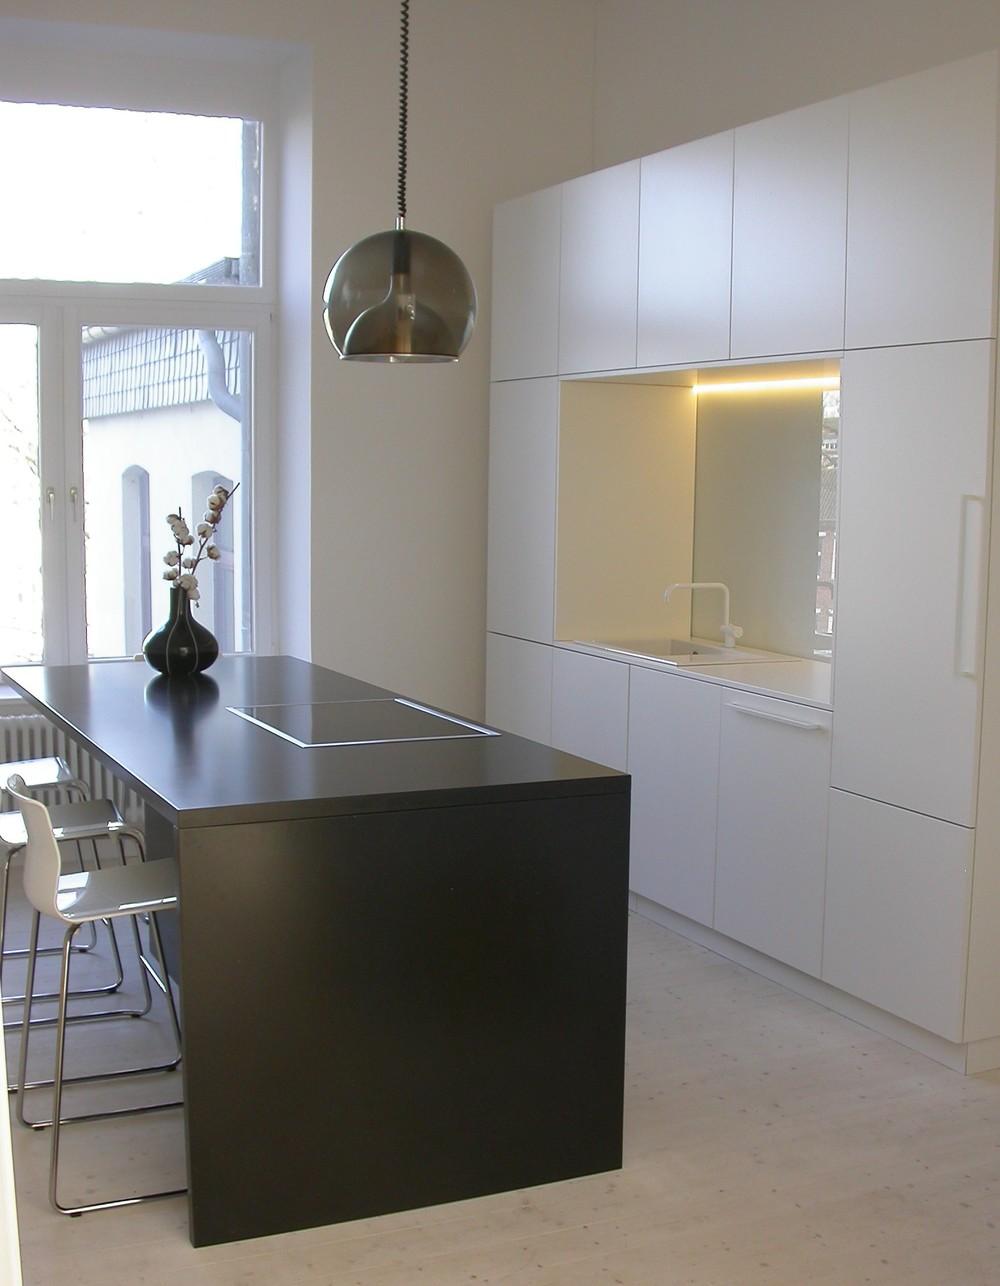 Schwarzer Küchenblock mit integrierter Sitzmöglichkeit, ideal zum schnellem Frühstück oder Kaffee.